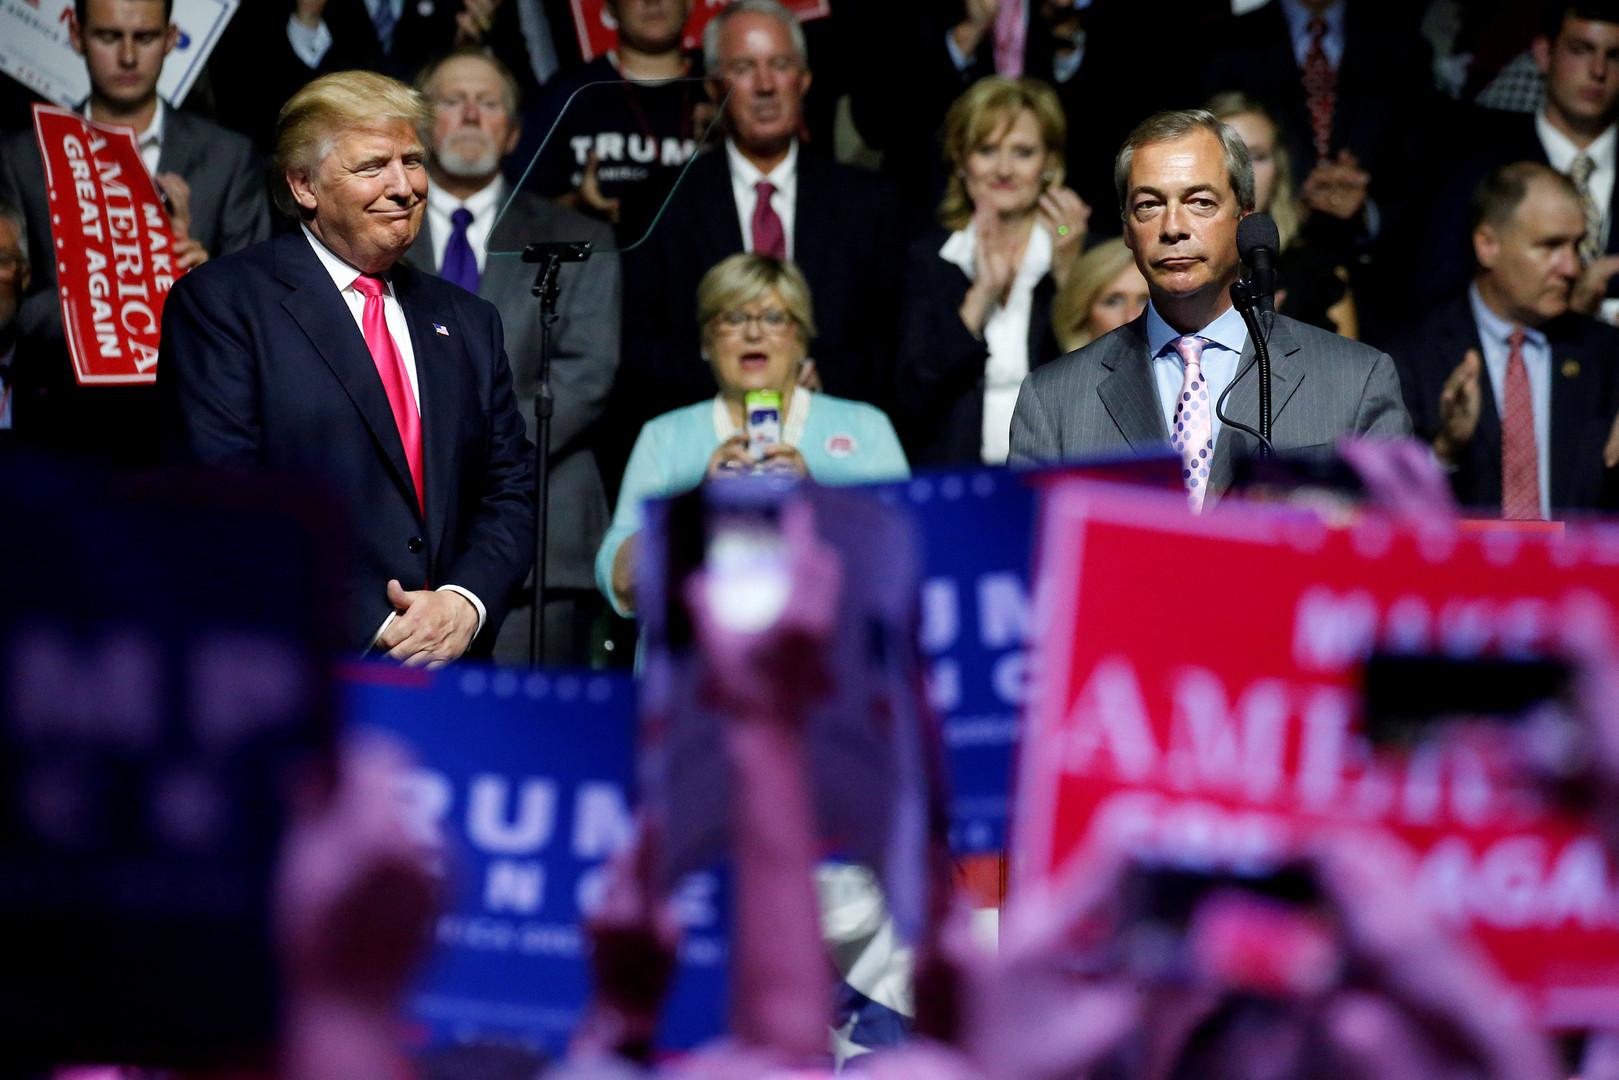 «Надеюсь, он построит большую красивую стену»: Фарадж рассказал RT о дружбе с Трампом